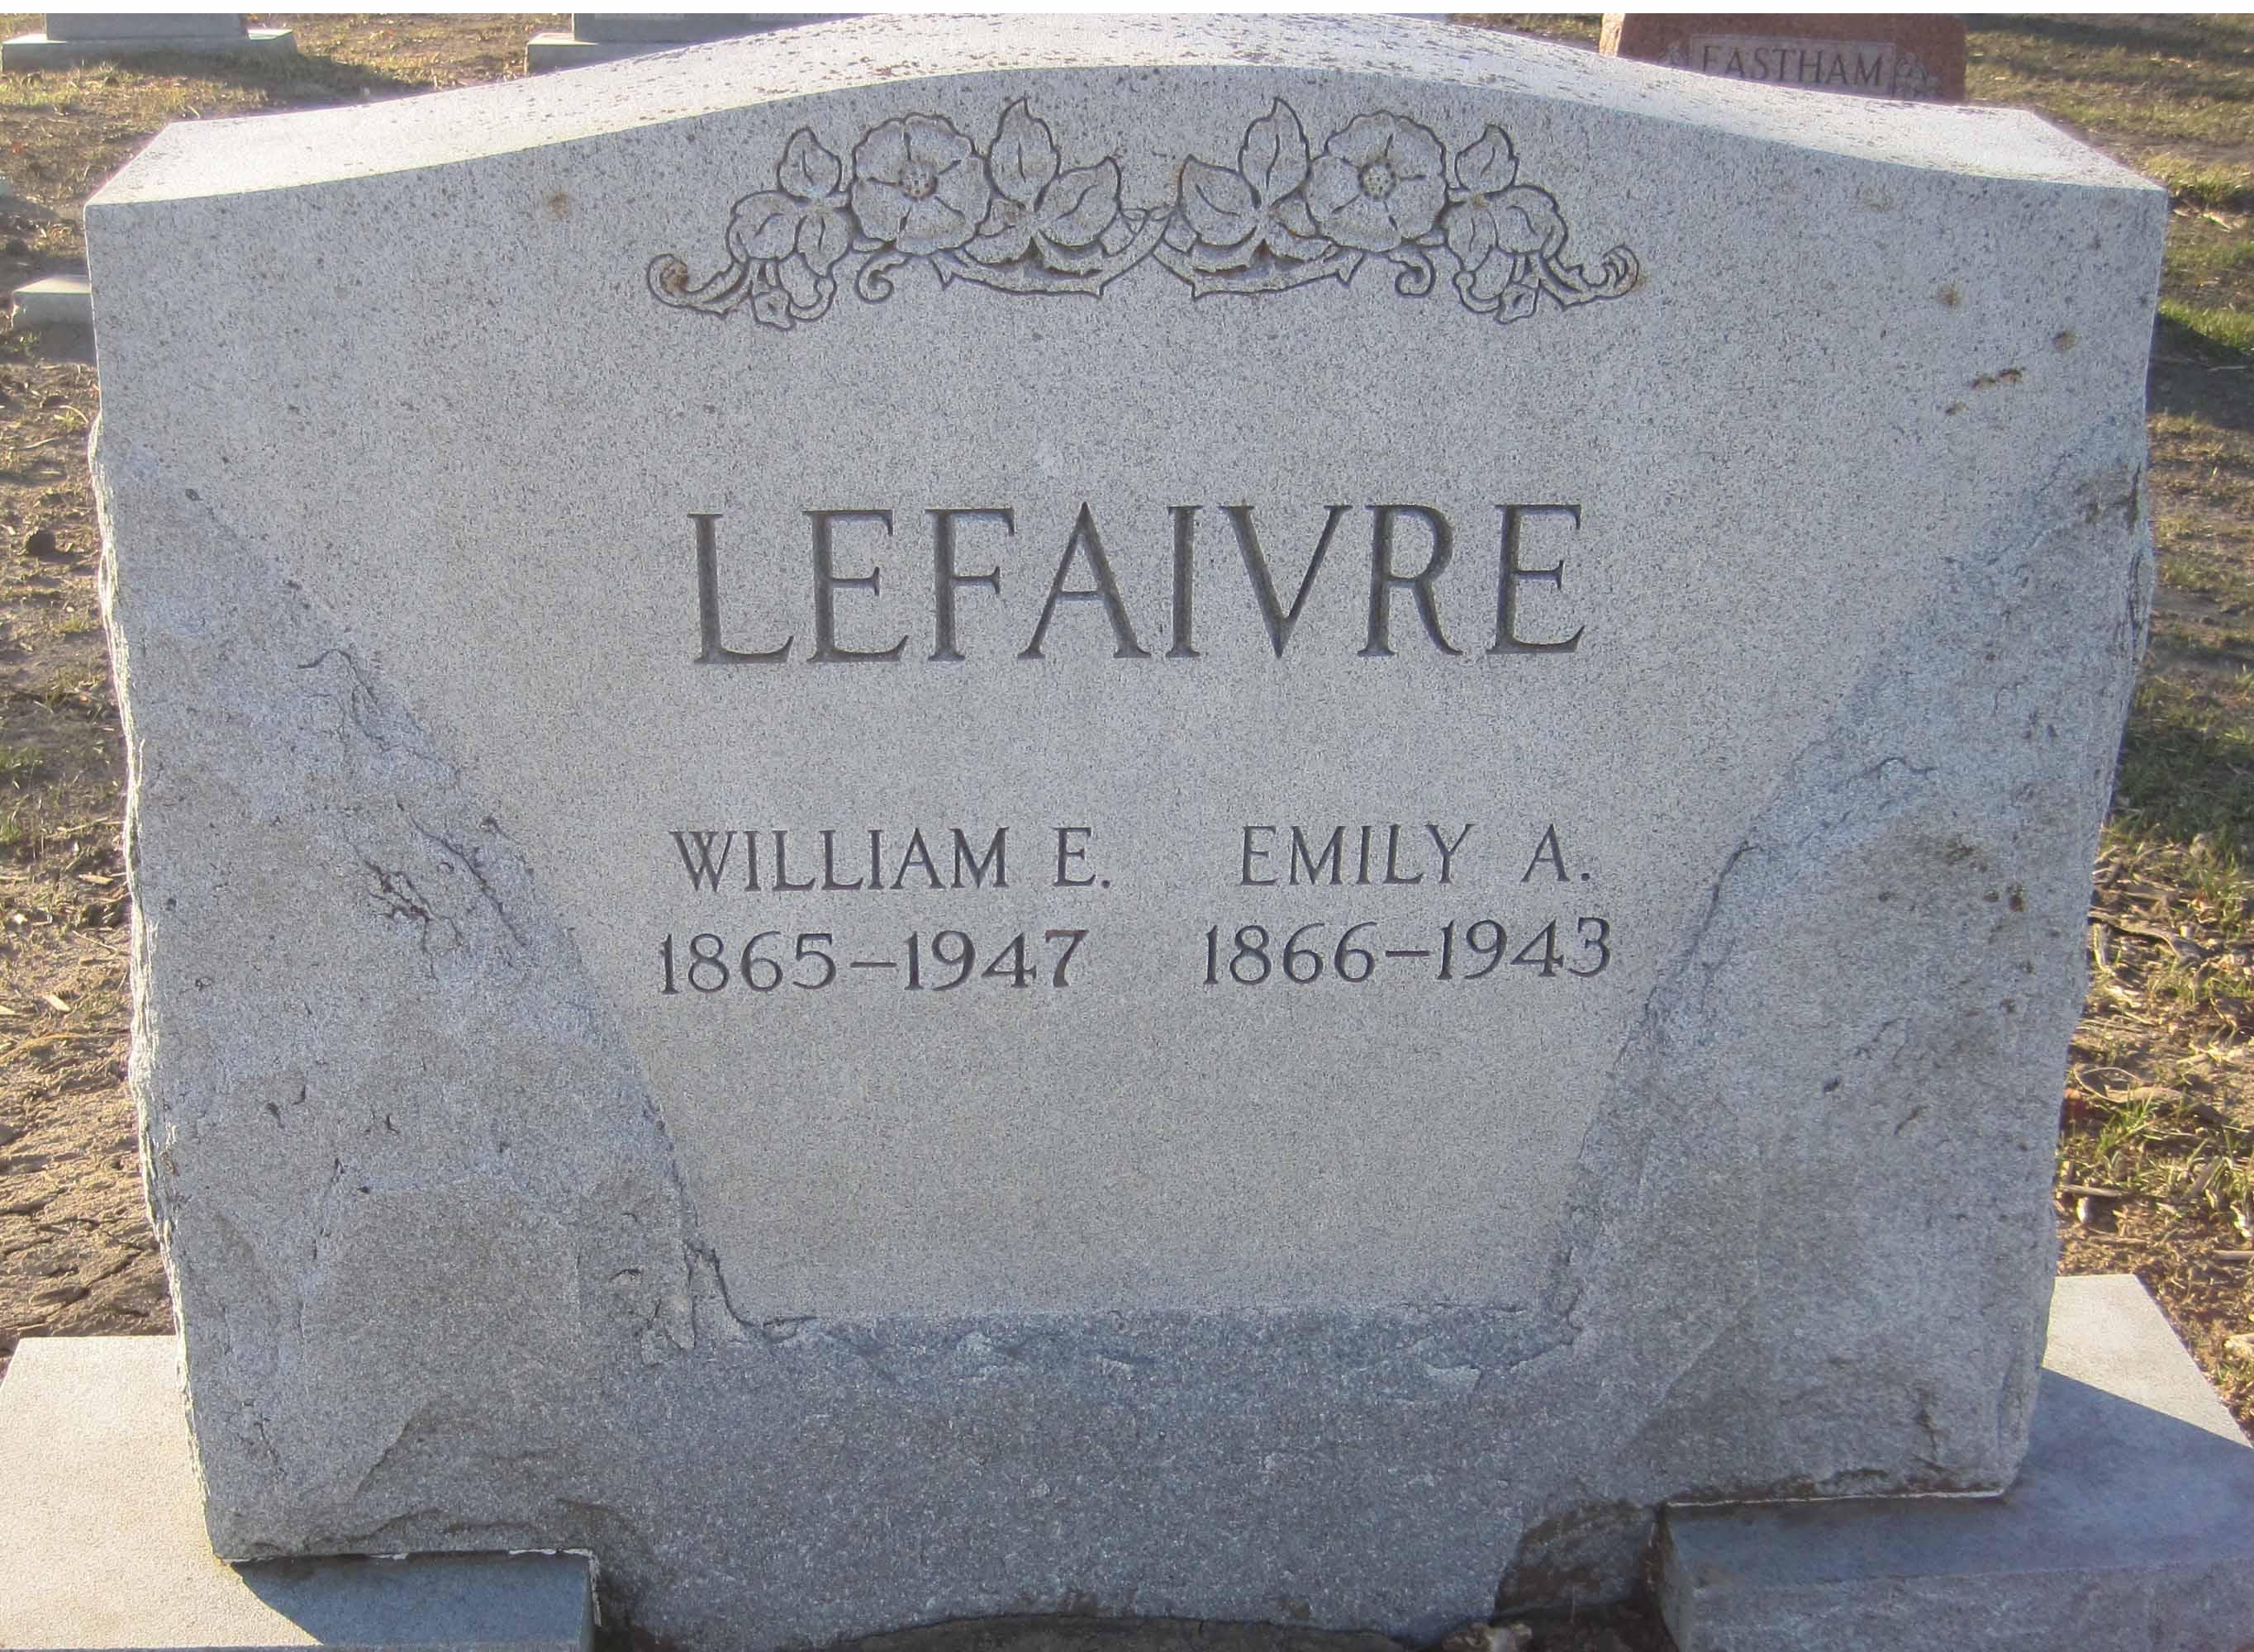 Francis Lefaivre